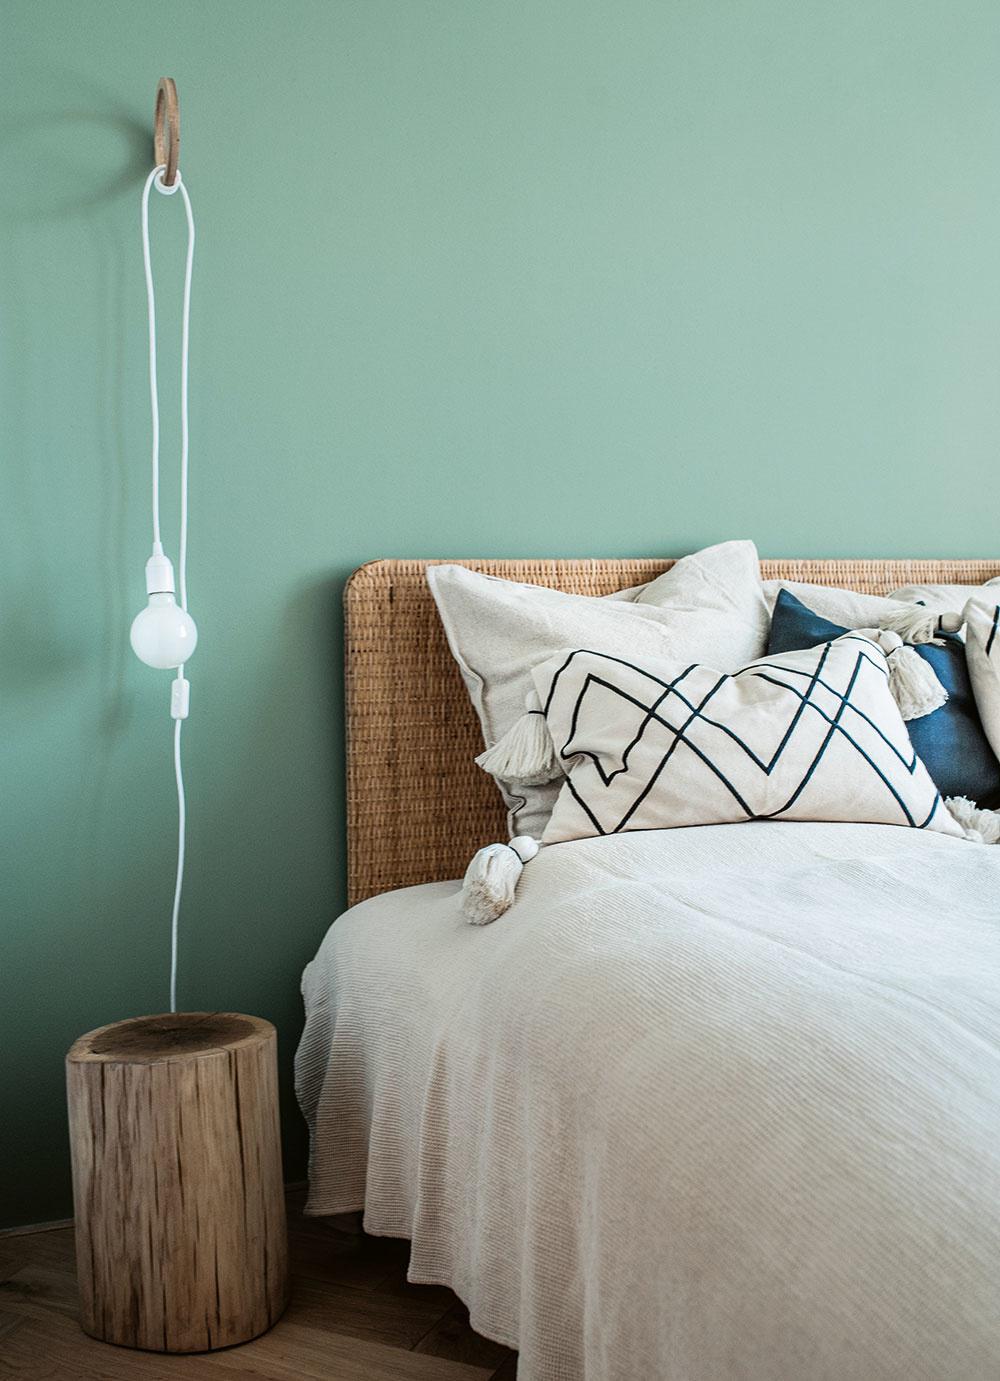 Druhá (študentská) spálňa je zariadená vpodobnom duchu ako tá prvá. Oživená je olivovozelenou stenou za ratanovým čelom postele. Tá je doplnená zkaždej strany dubovým pníkom slúžiacim ako nočný stolík.